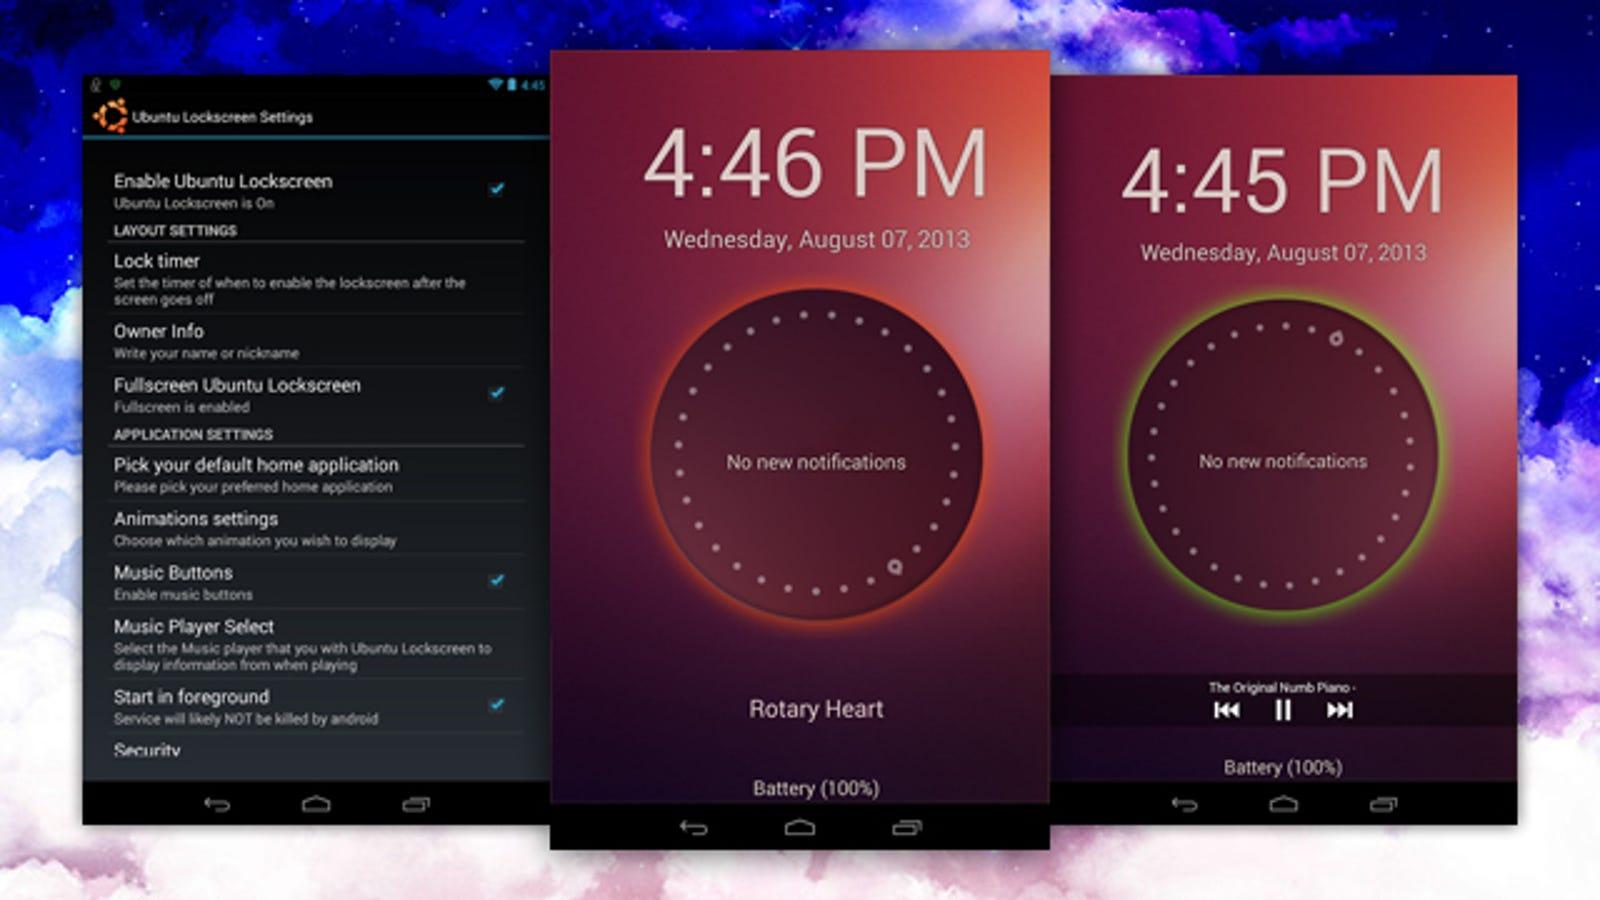 Ubuntu Lockscreen Adds Notifications and Ubuntu's Looks to